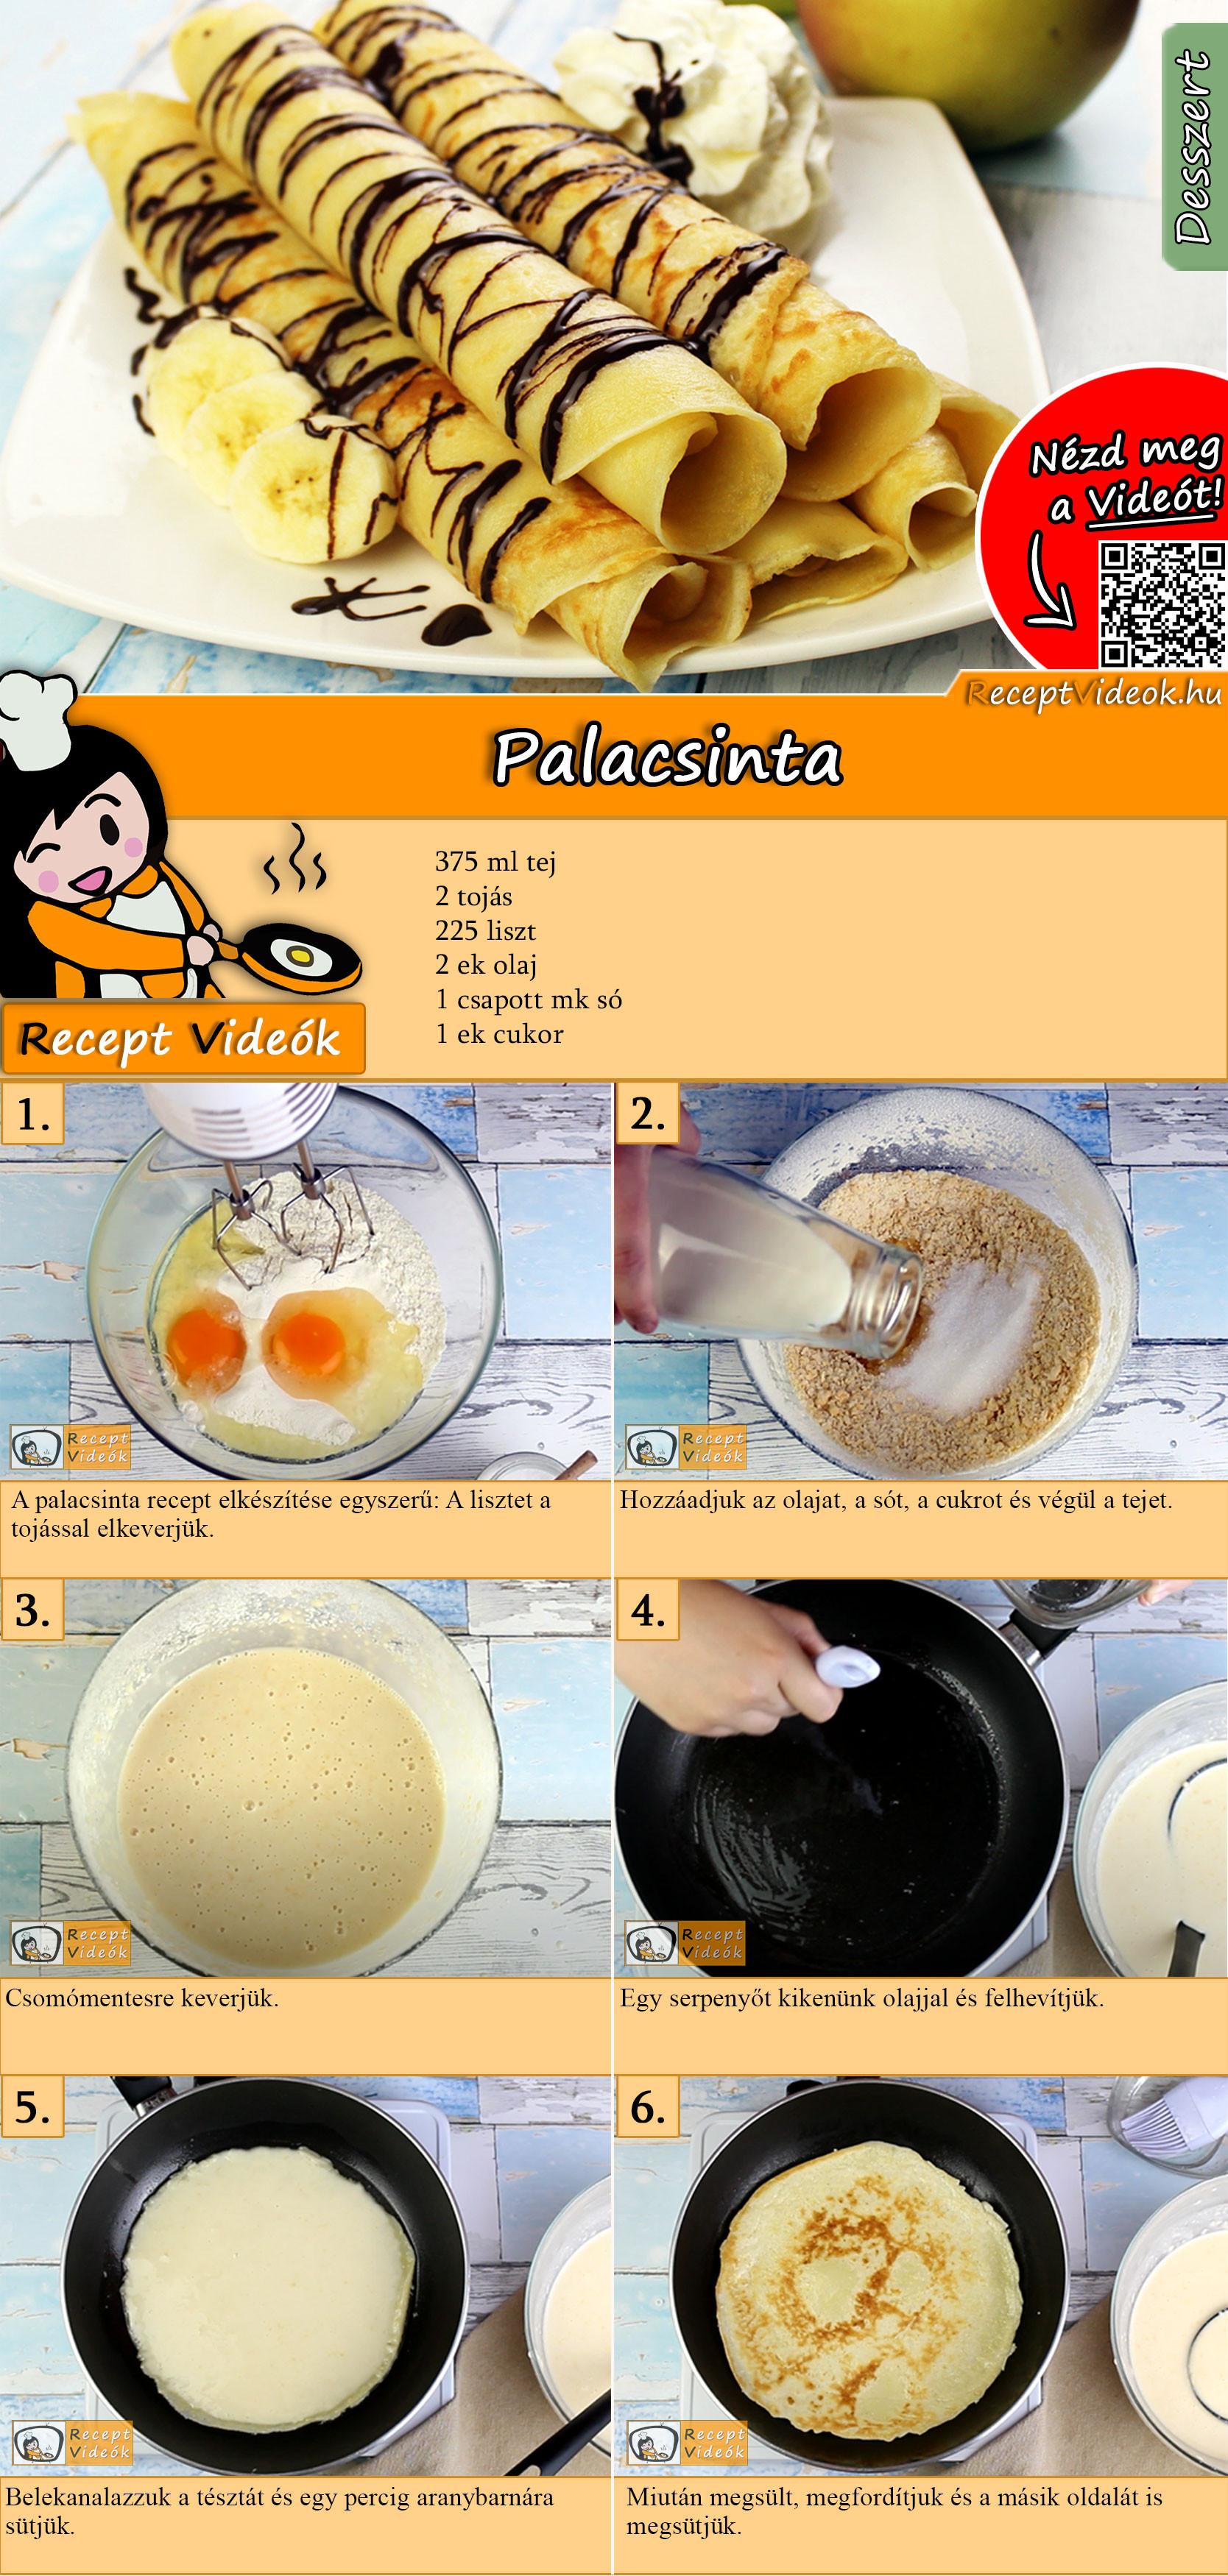 Palacsinta recept elkészítése videóval